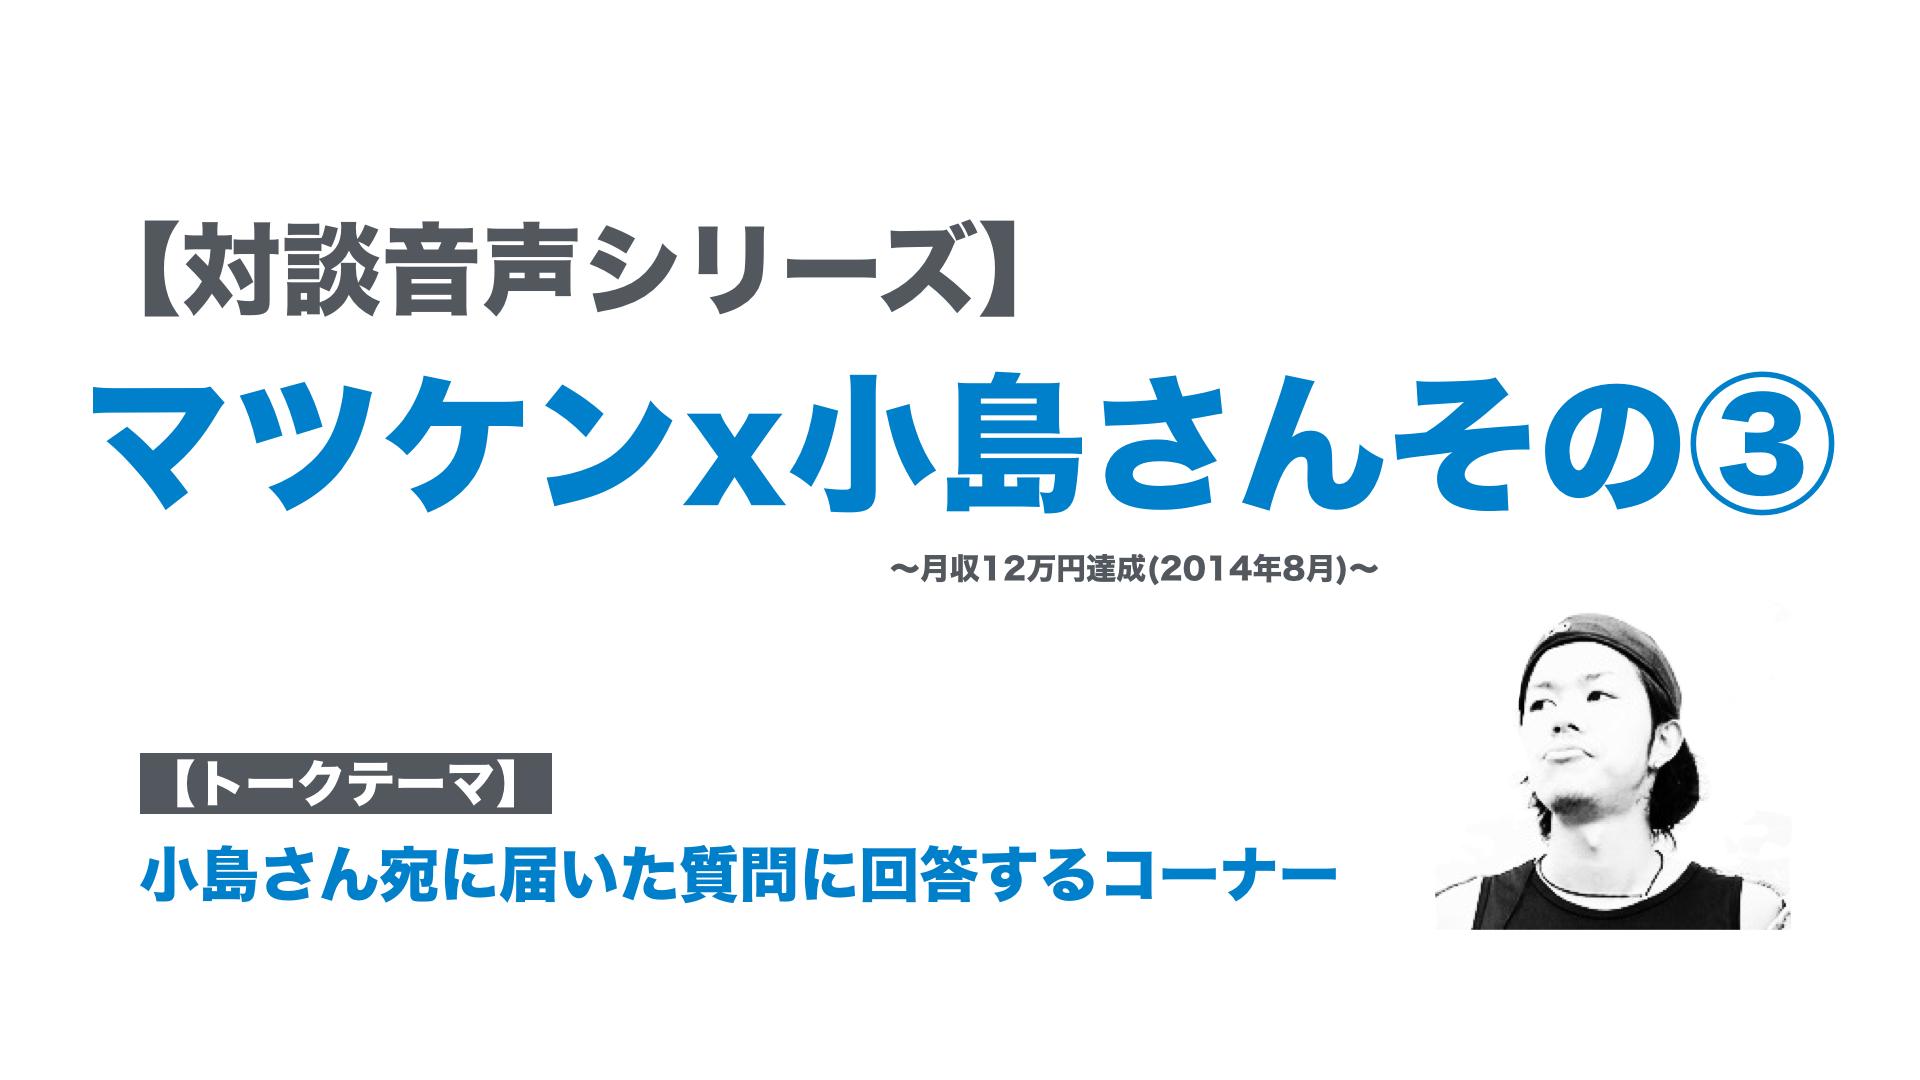 【対談音声シリーズ】月収12万円達成した小島さんと話してみた③